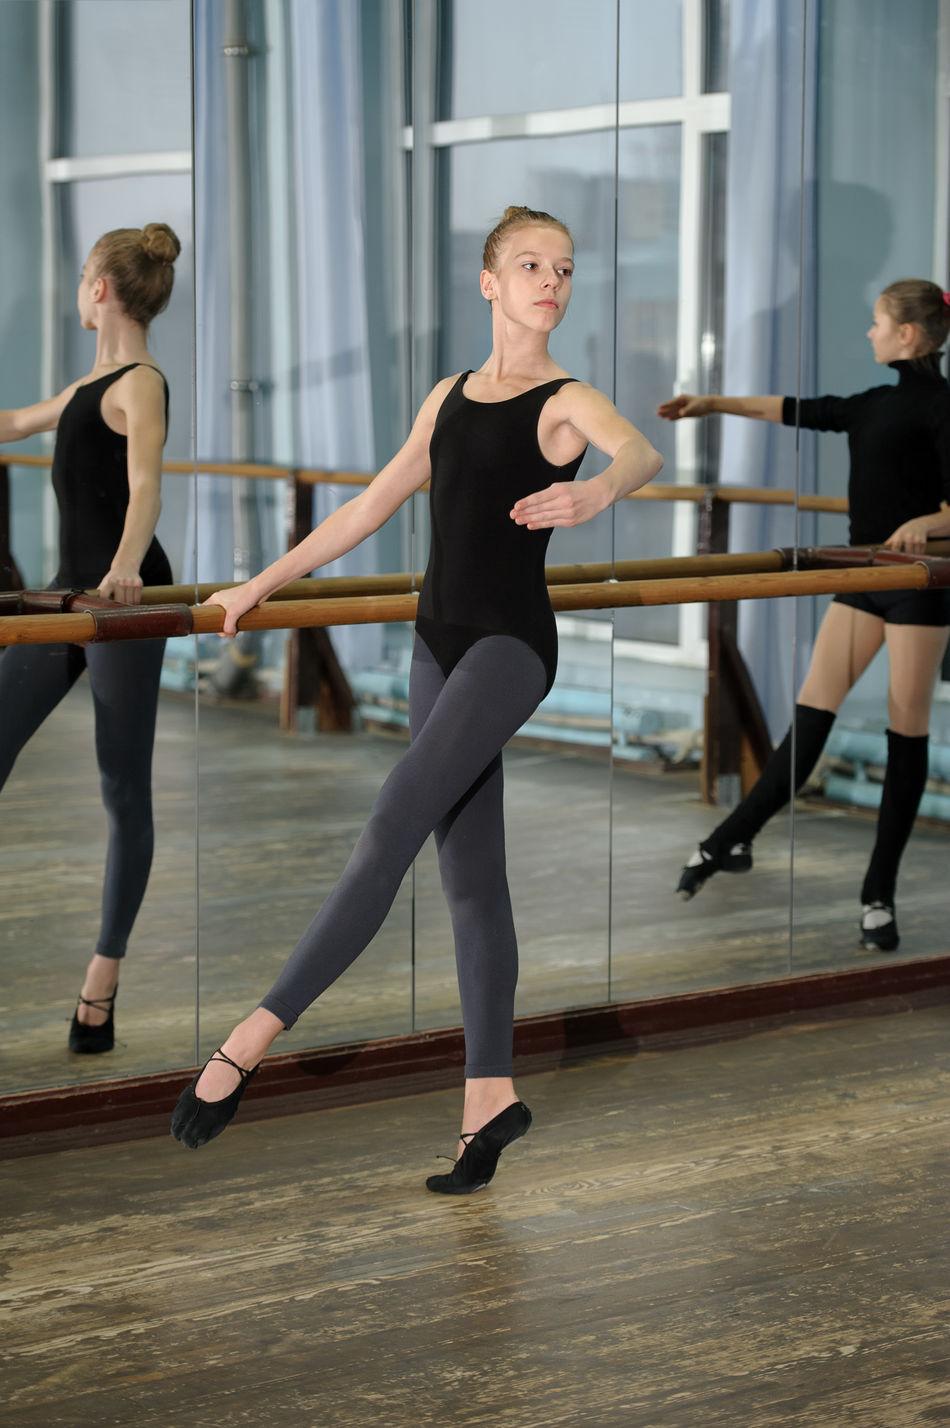 Beautiful stock photos of tanz, sport, dancer, indoors, people